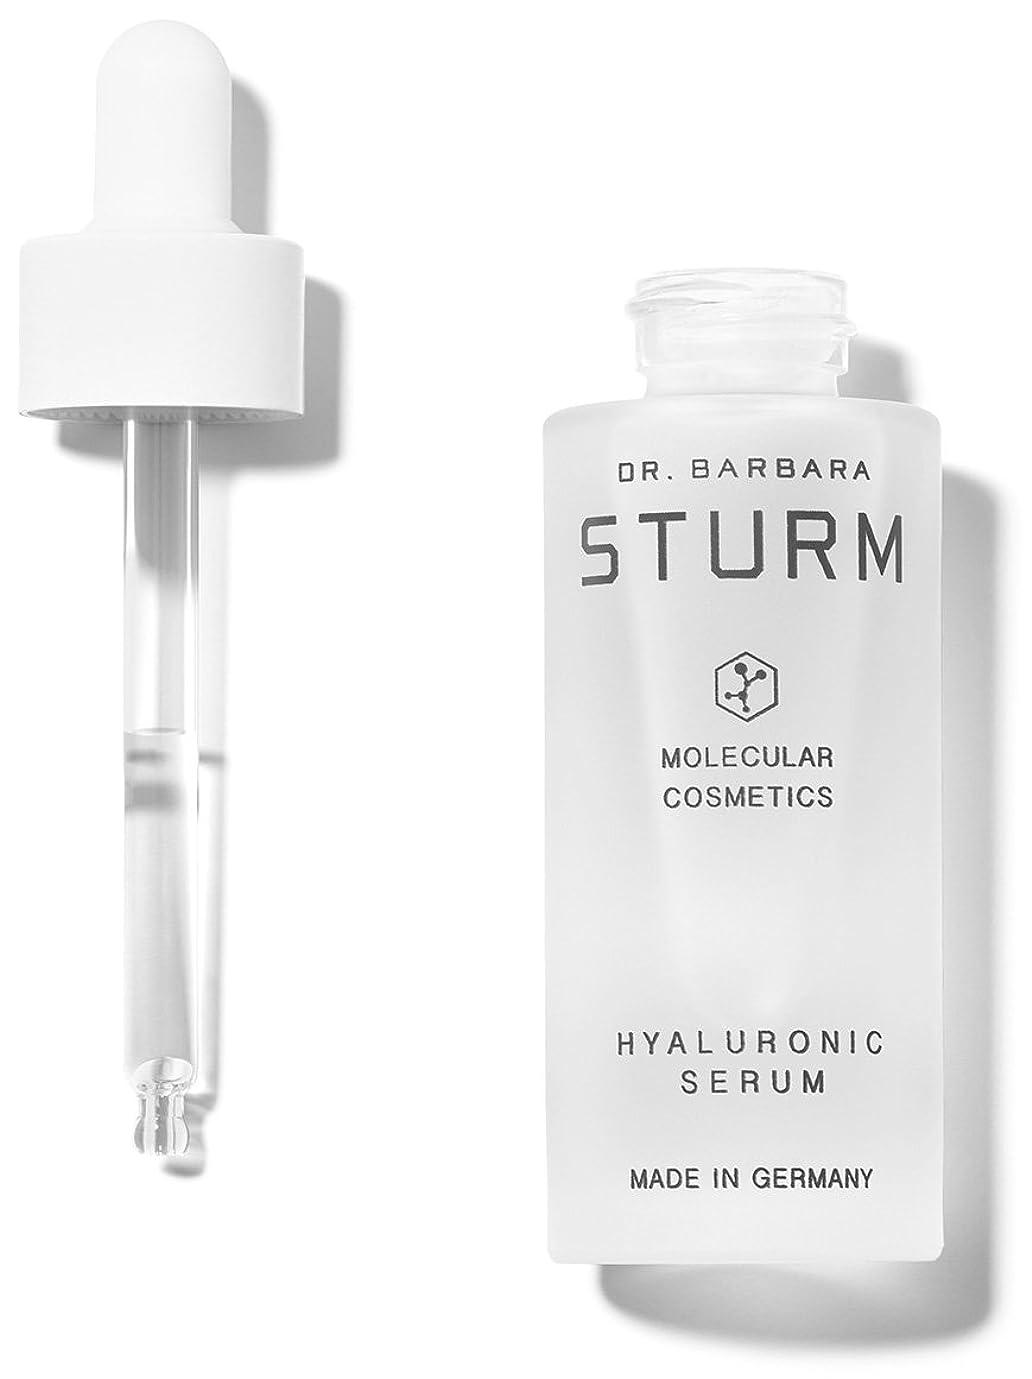 恥類似性告発者DR. BARBARA STURM Hyaluronic Serum, 1.0 Oz./ 30 ML